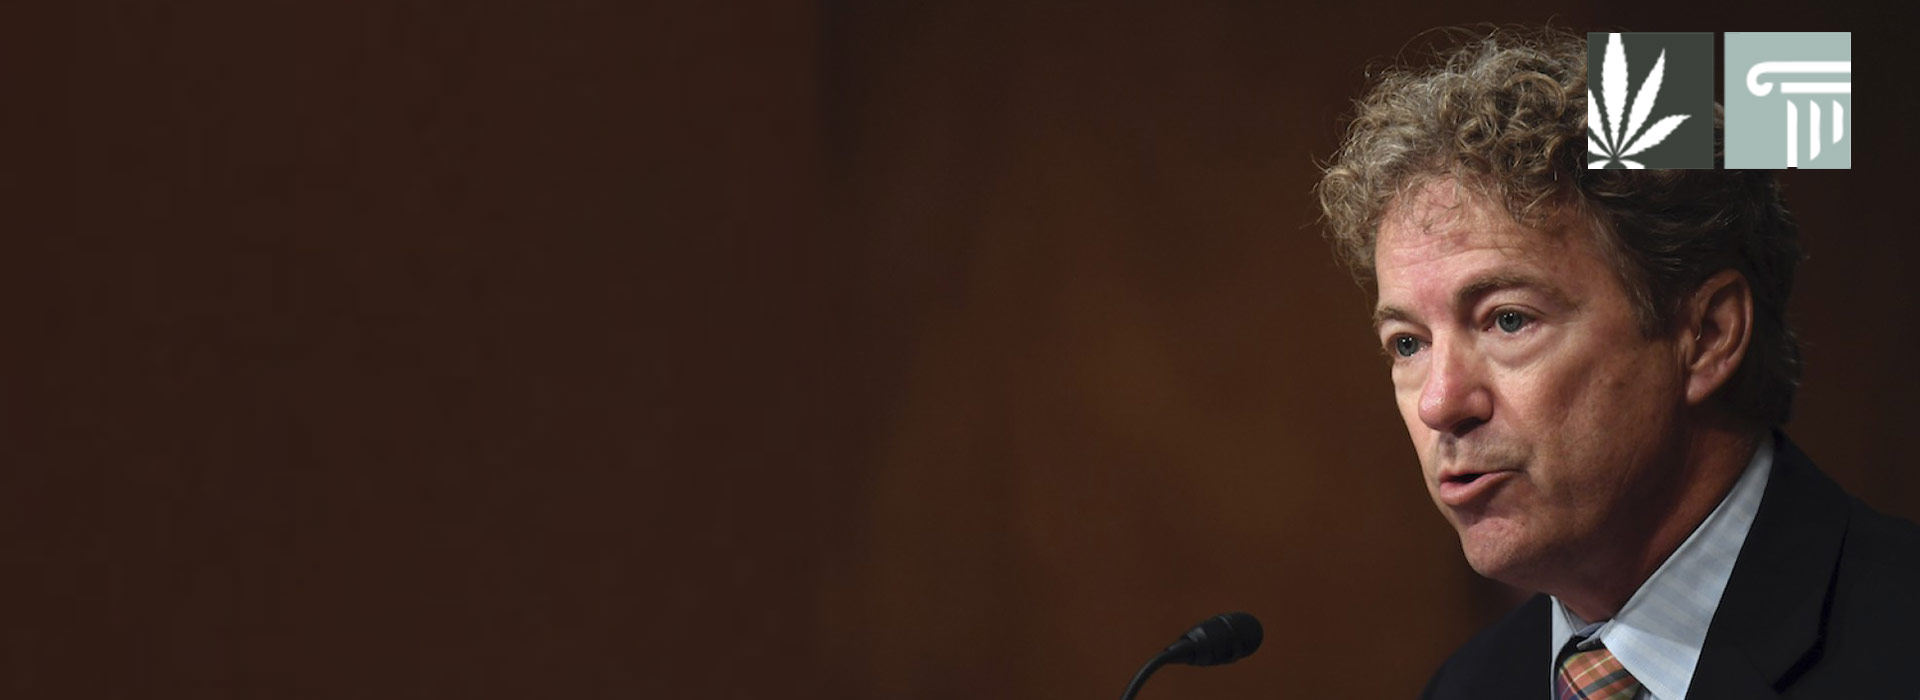 HEMP bill Rand Paul Senate